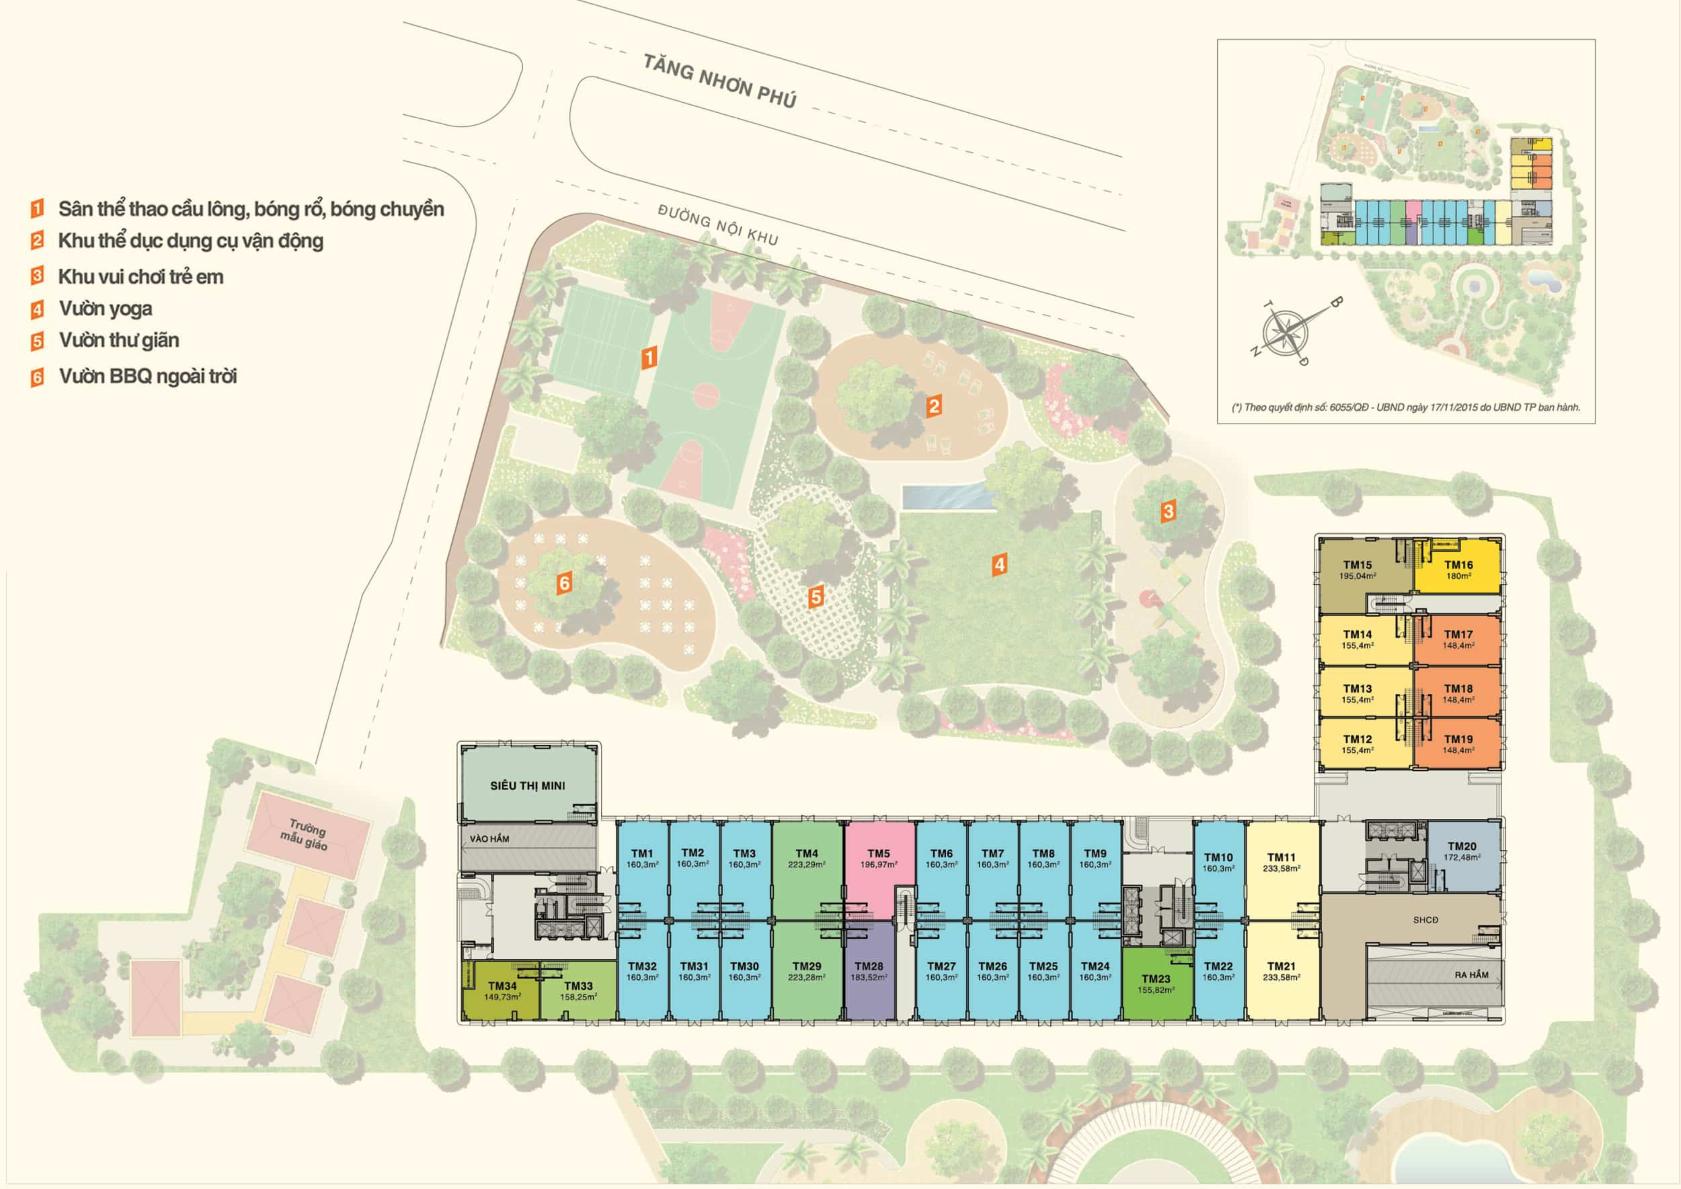 Vì sao tôi chọn chung cư 9 View Hưng Thịnh giữa hàng loạt dự án ở quận 9? 9